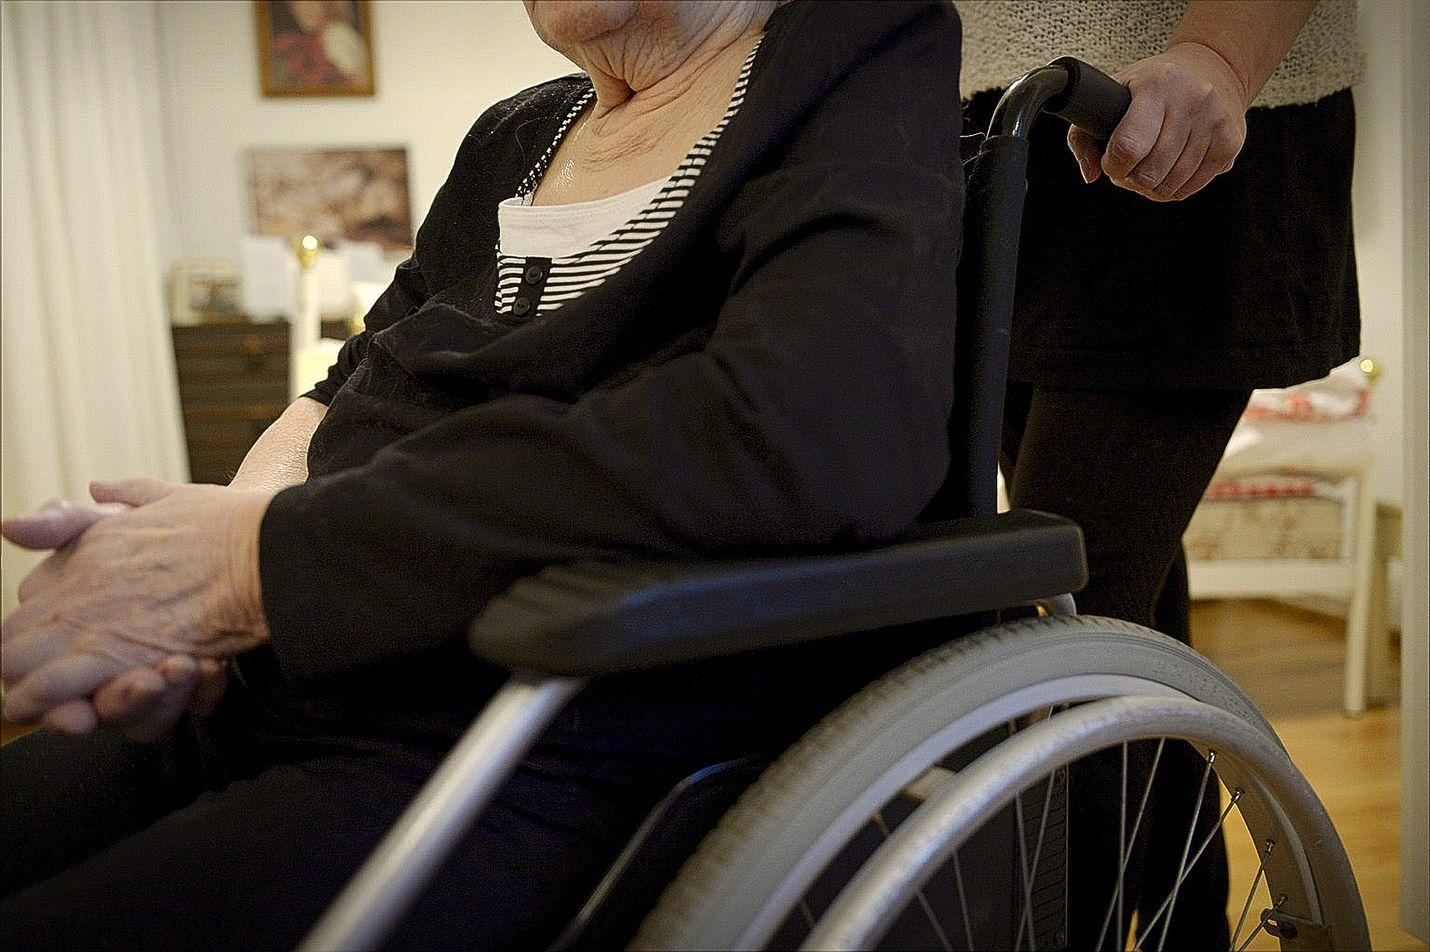 vanhaa naista omat pornokuvat